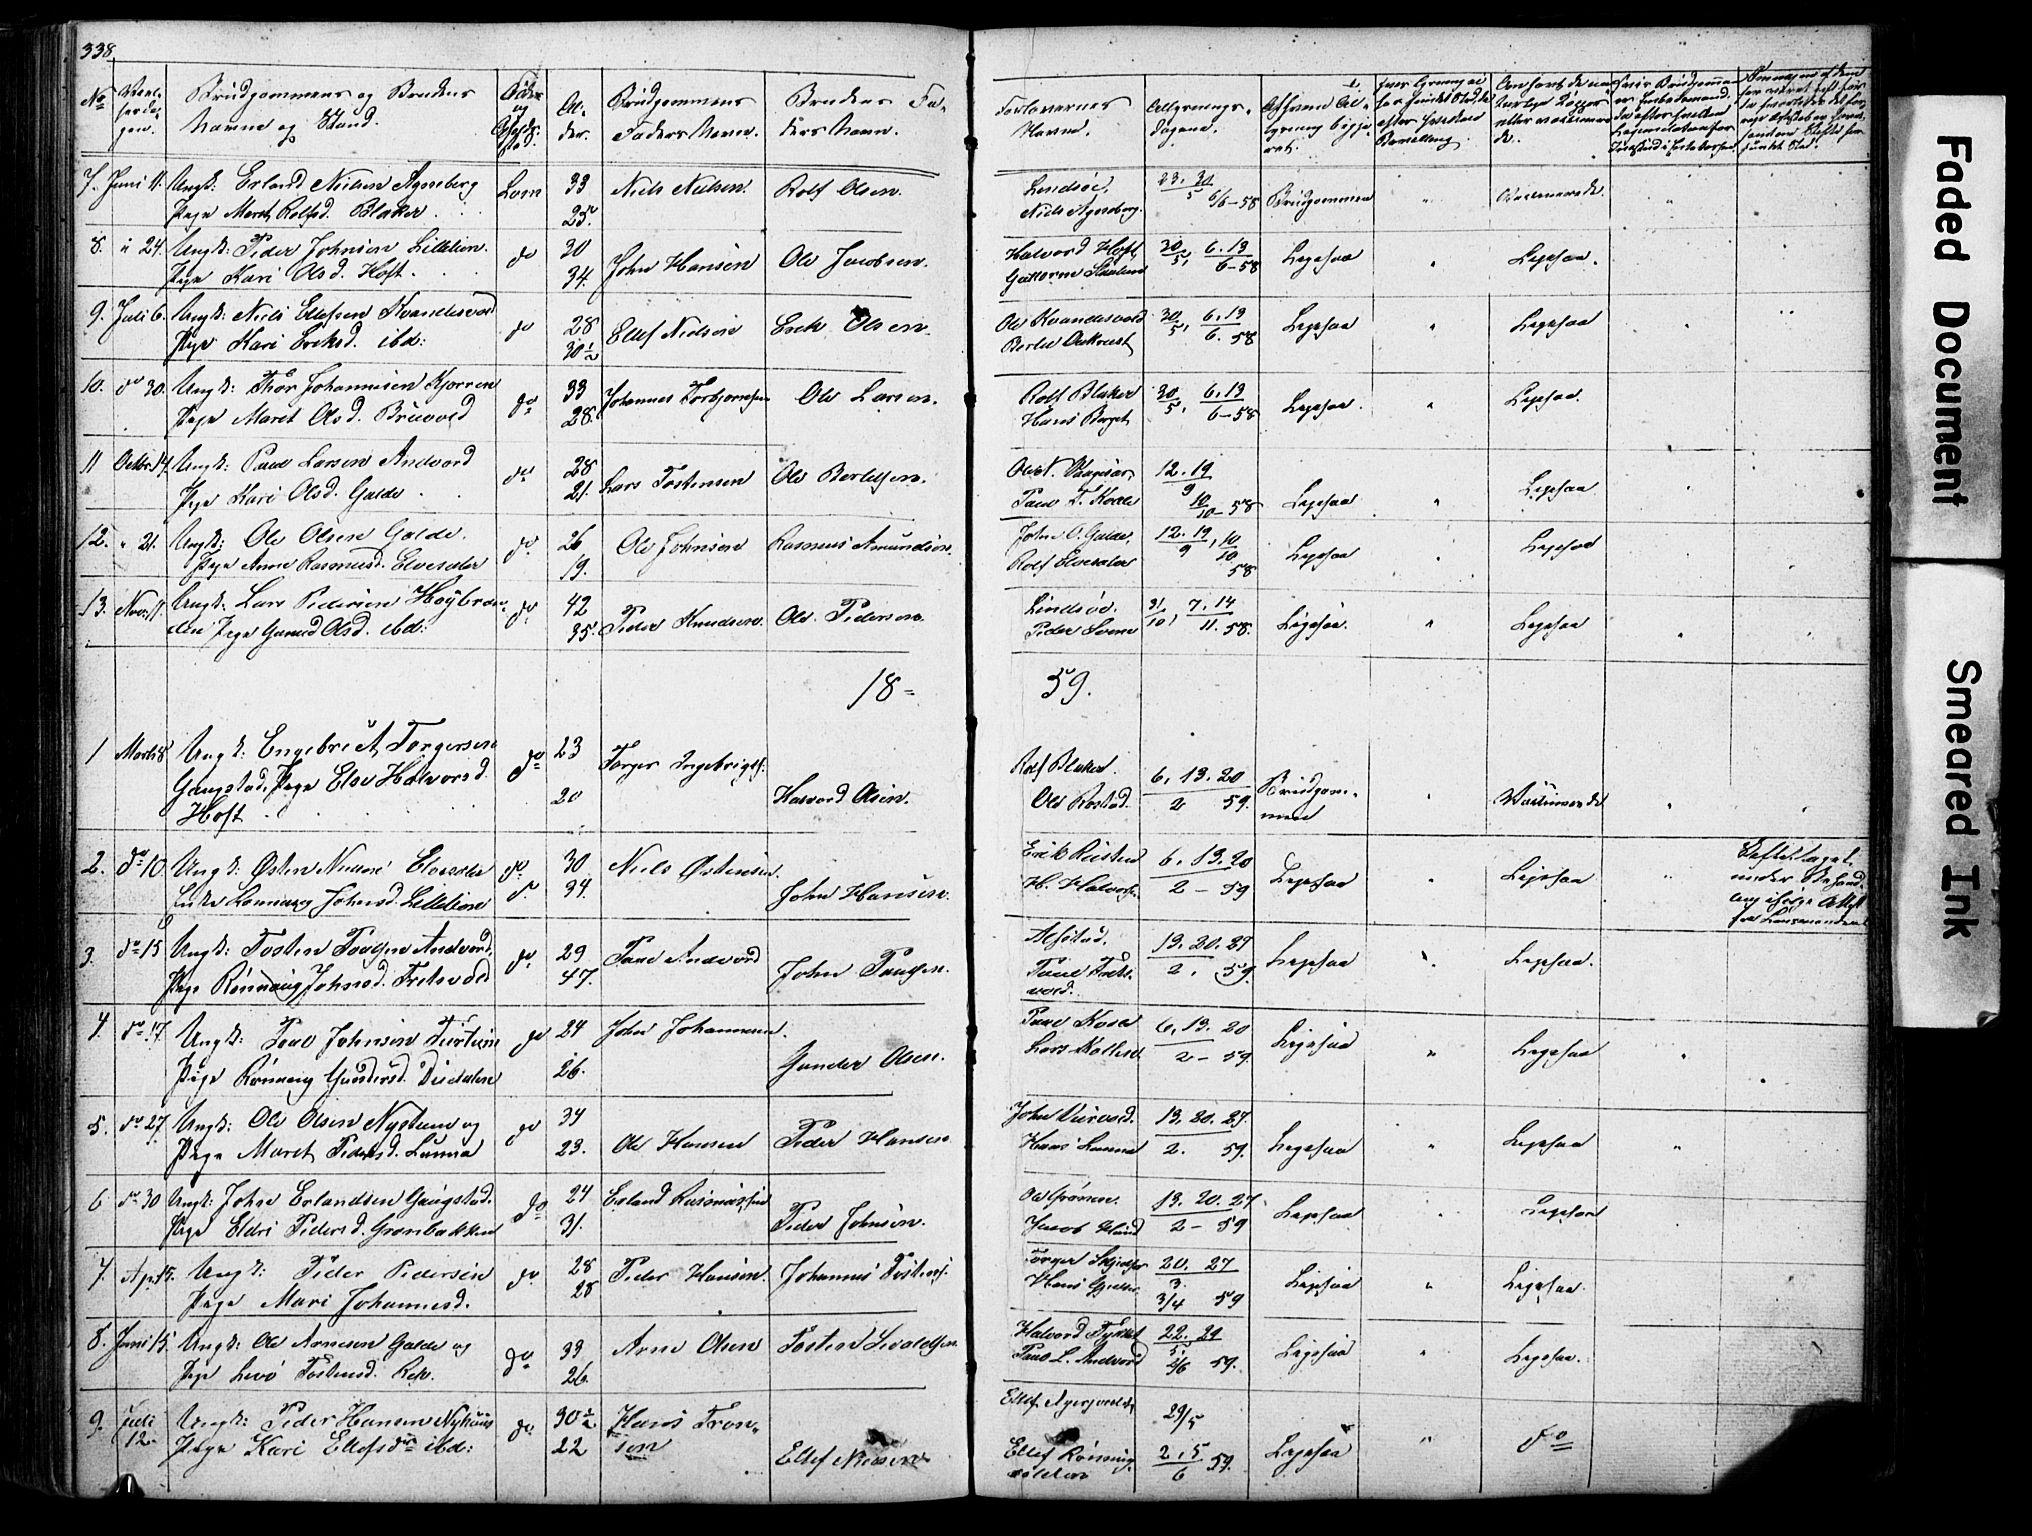 SAH, Lom prestekontor, L/L0012: Klokkerbok nr. 12, 1845-1873, s. 338-339